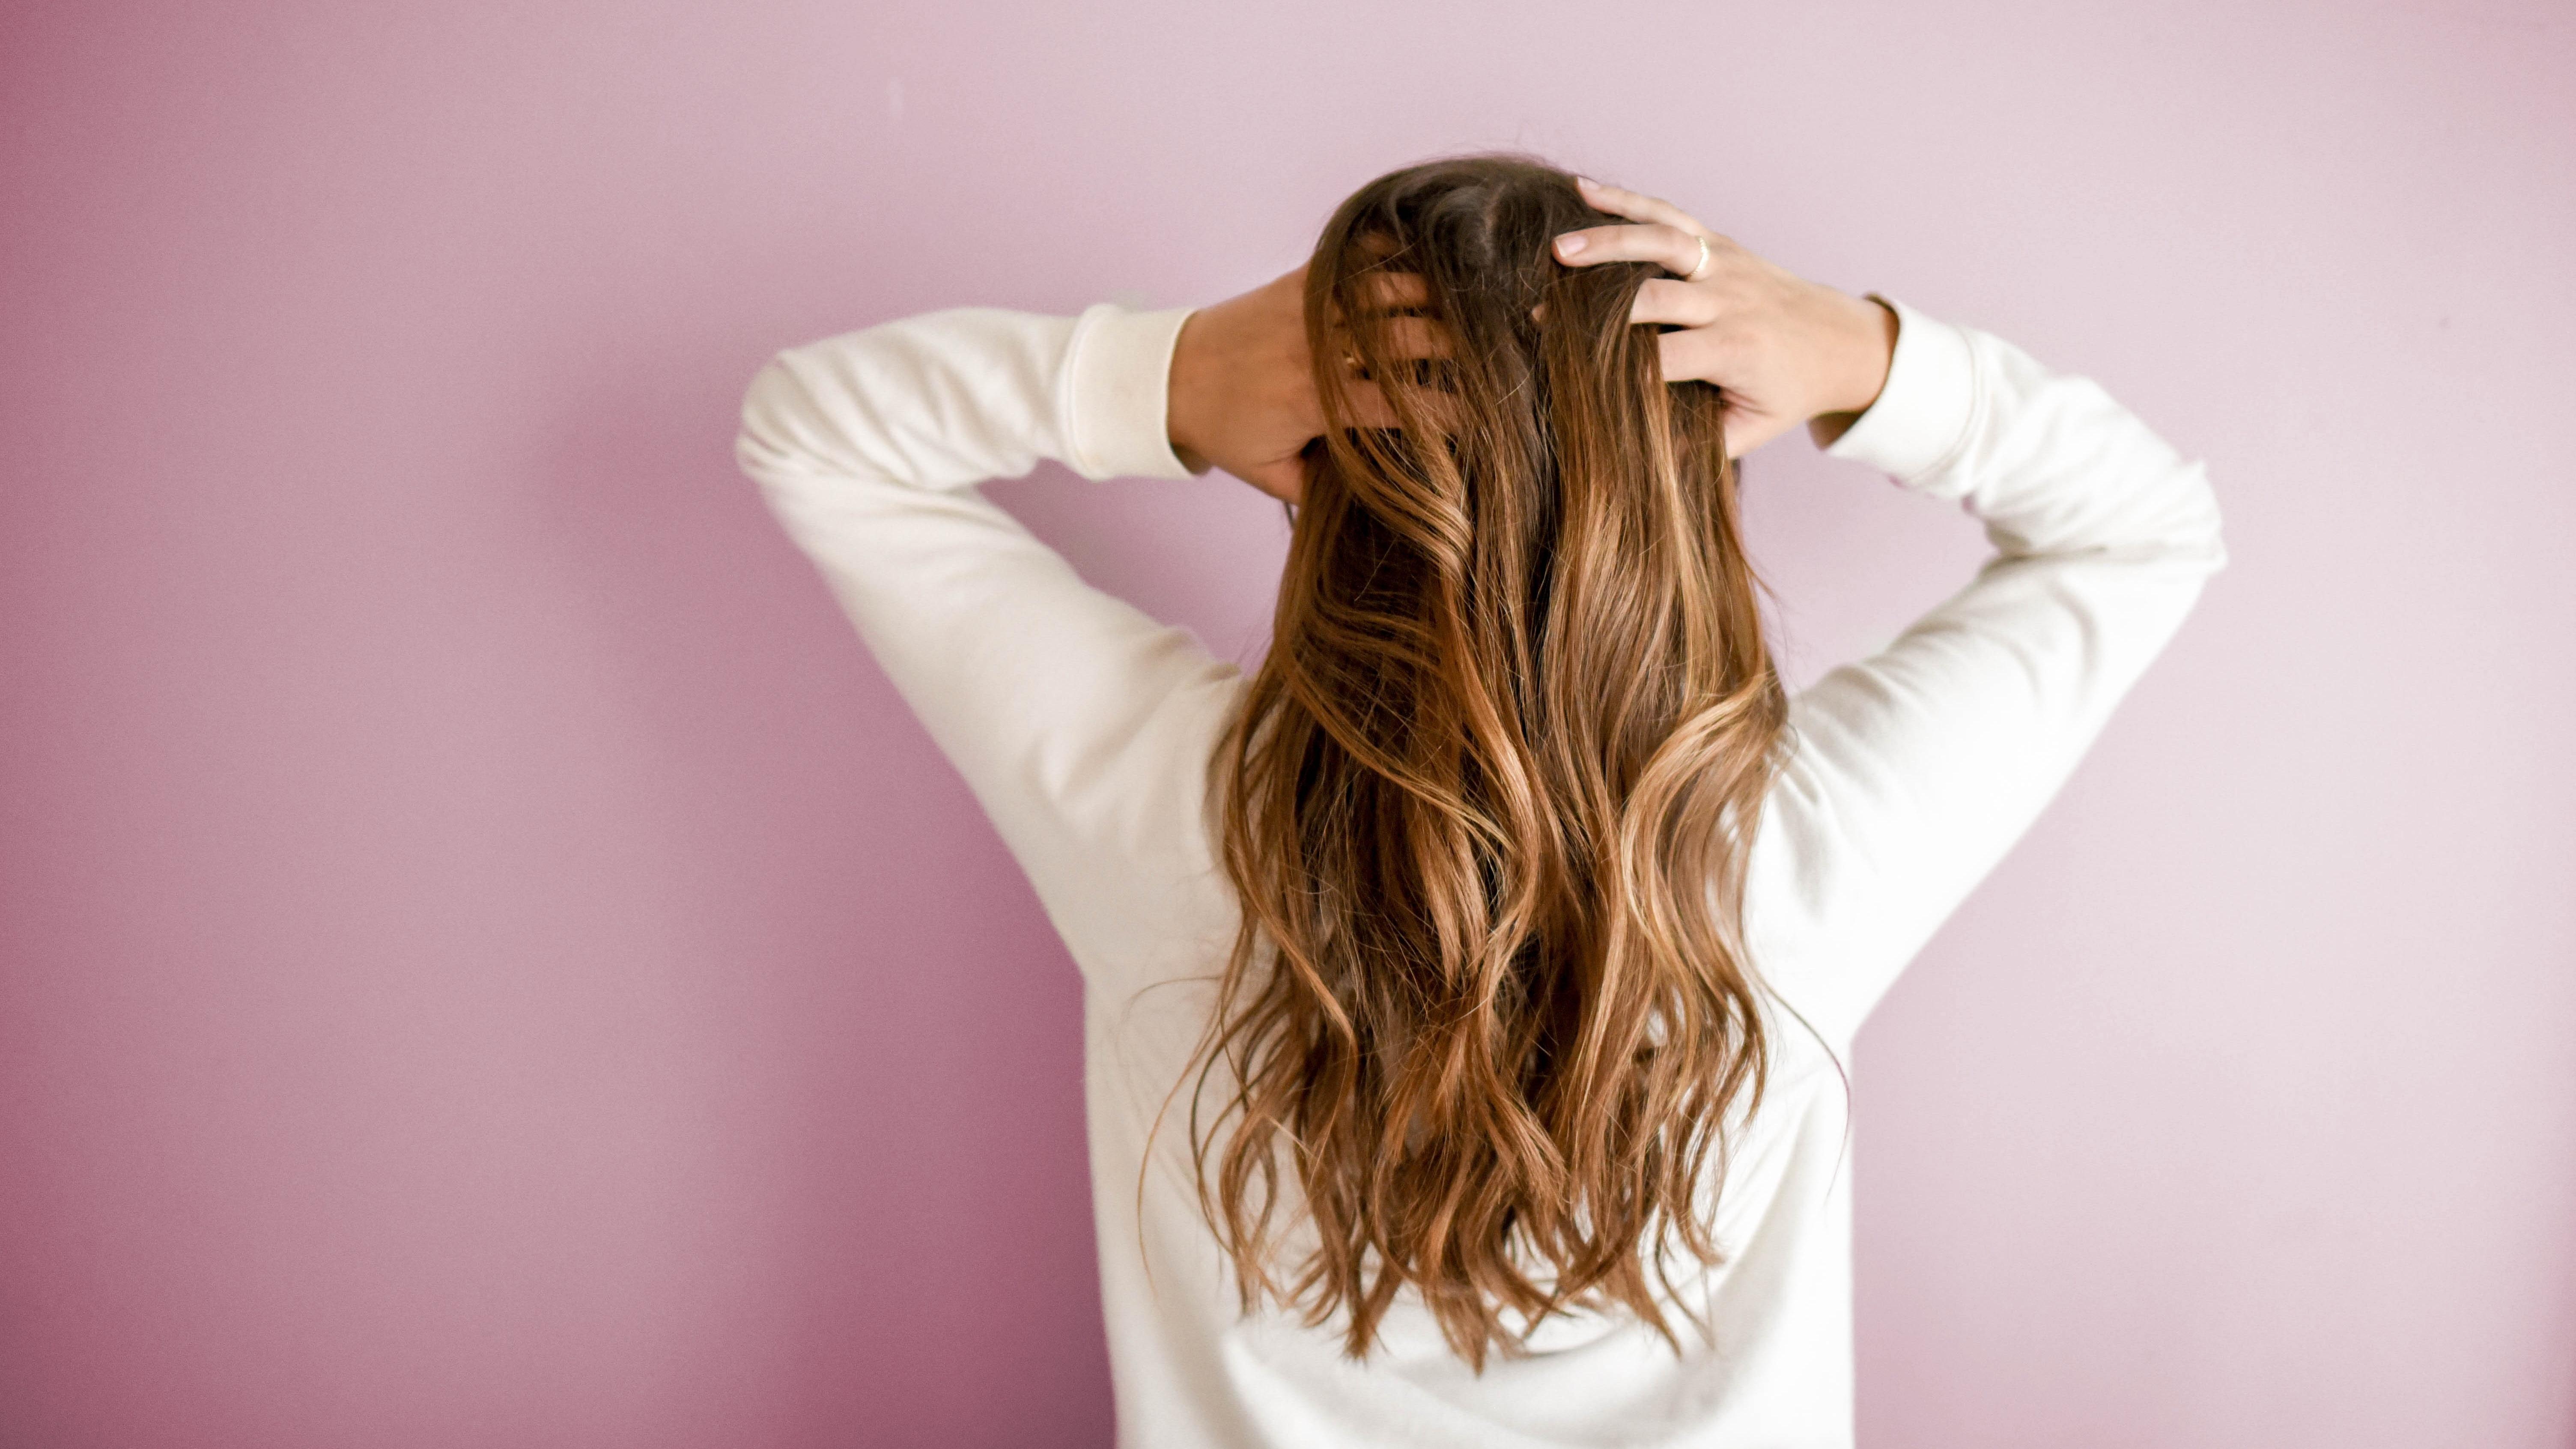 Haare bleichen: Mit diesen 7 Hausmitteln klappt's